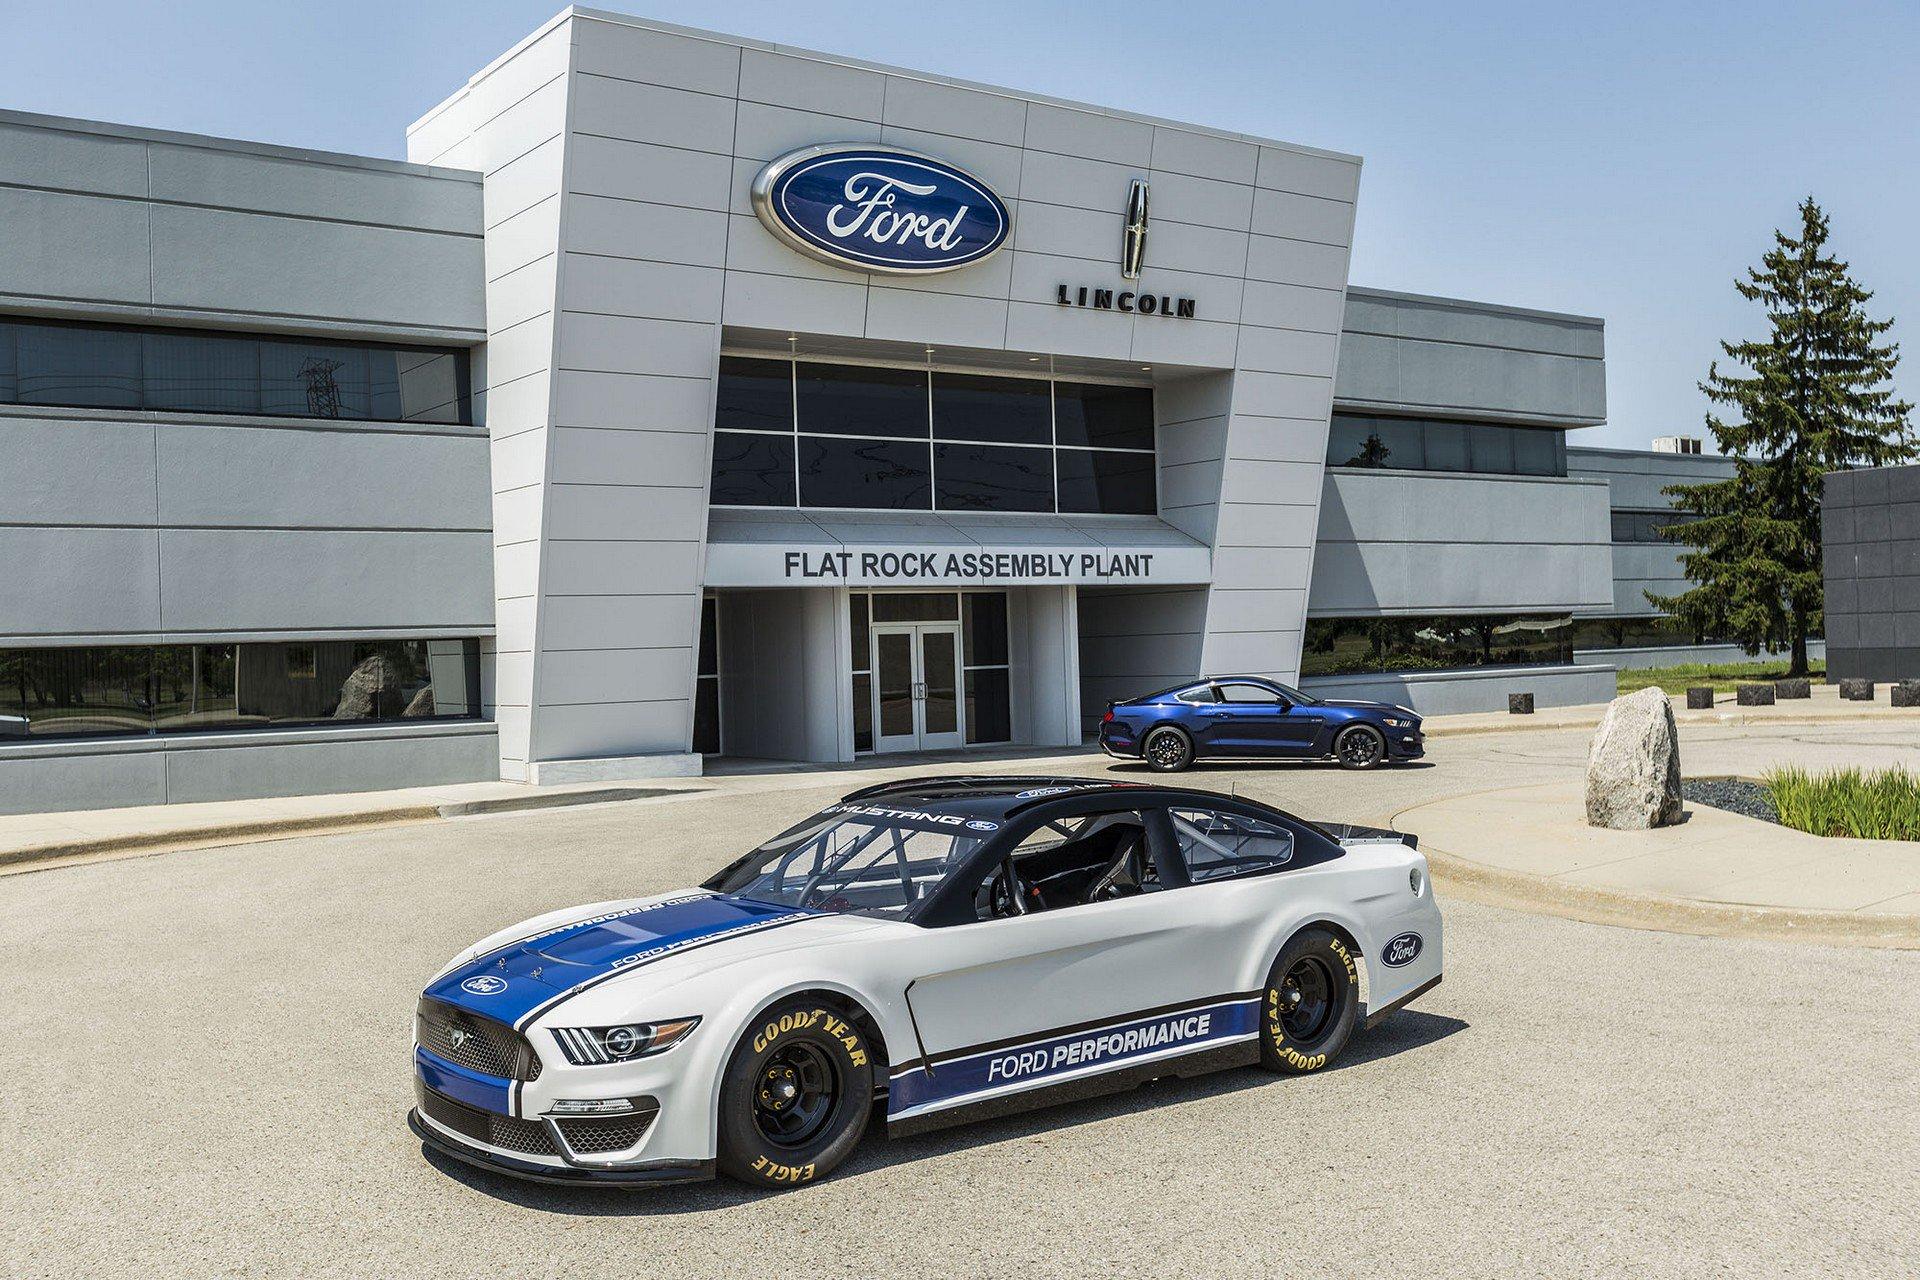 Ford Mustang Monster Energy NASCAR 2019 1